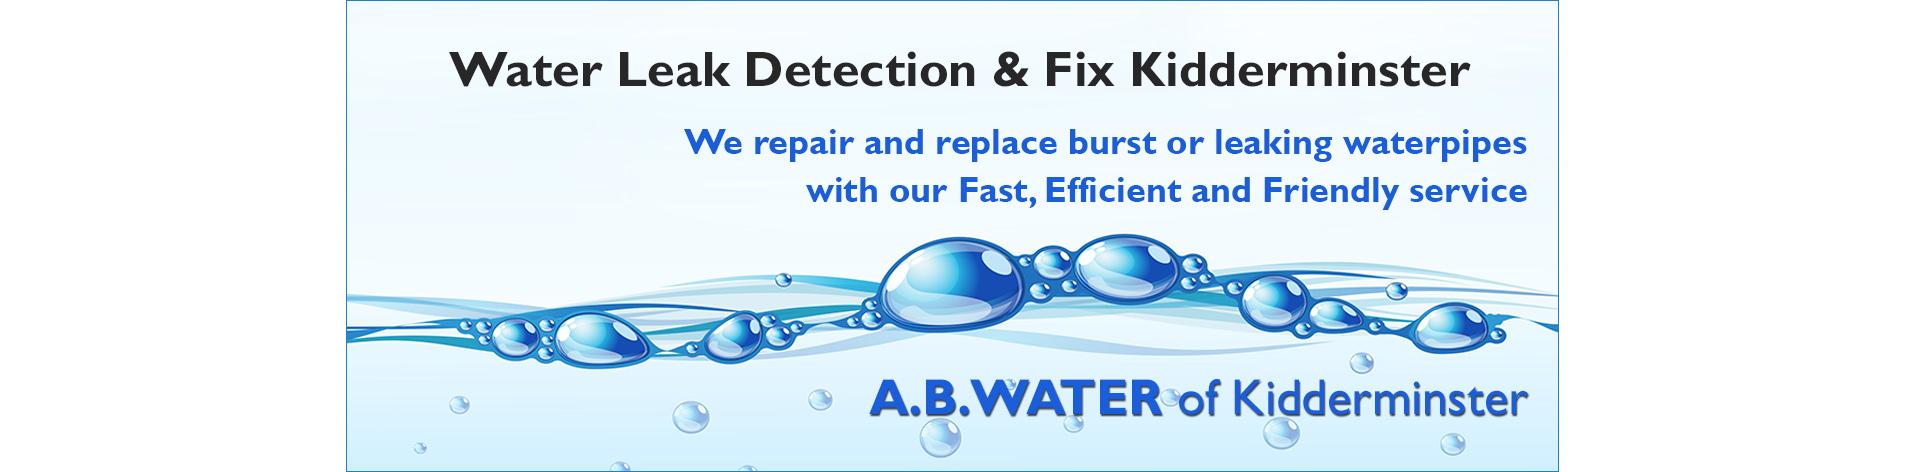 leak-detection-kidderminster